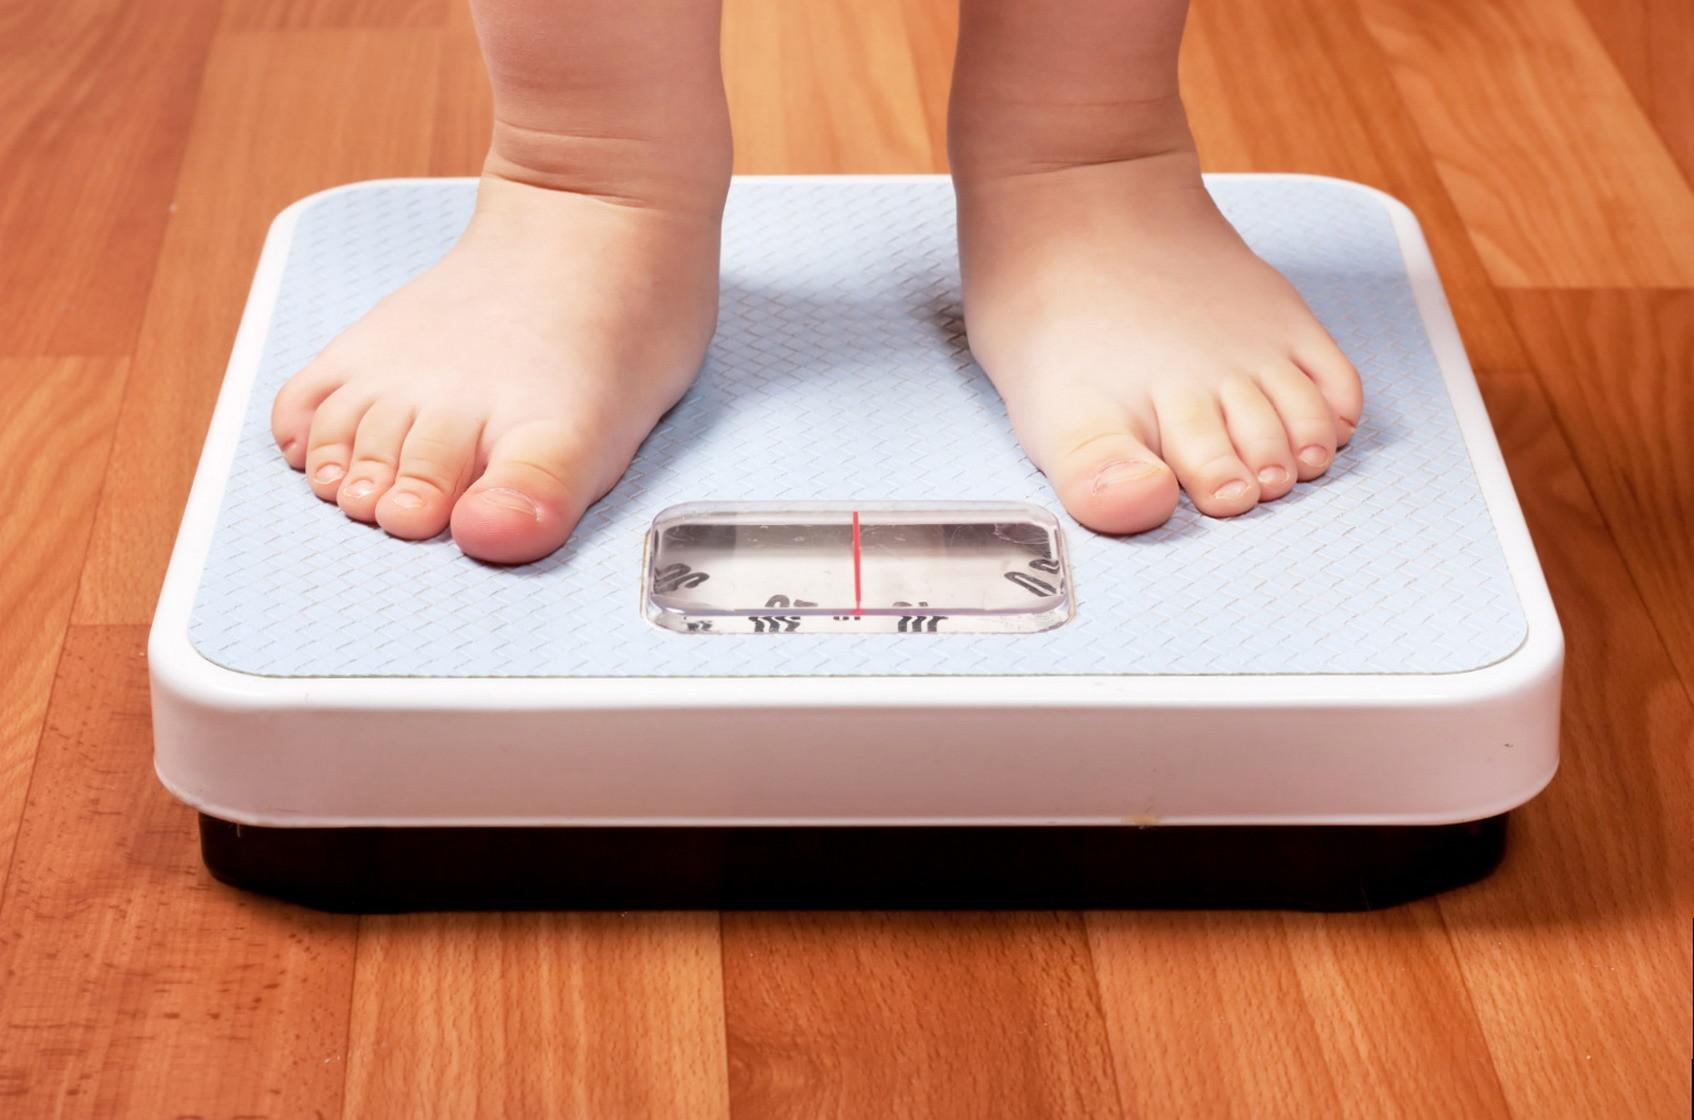 Первые признаки детского ожирения до 1 года жизни